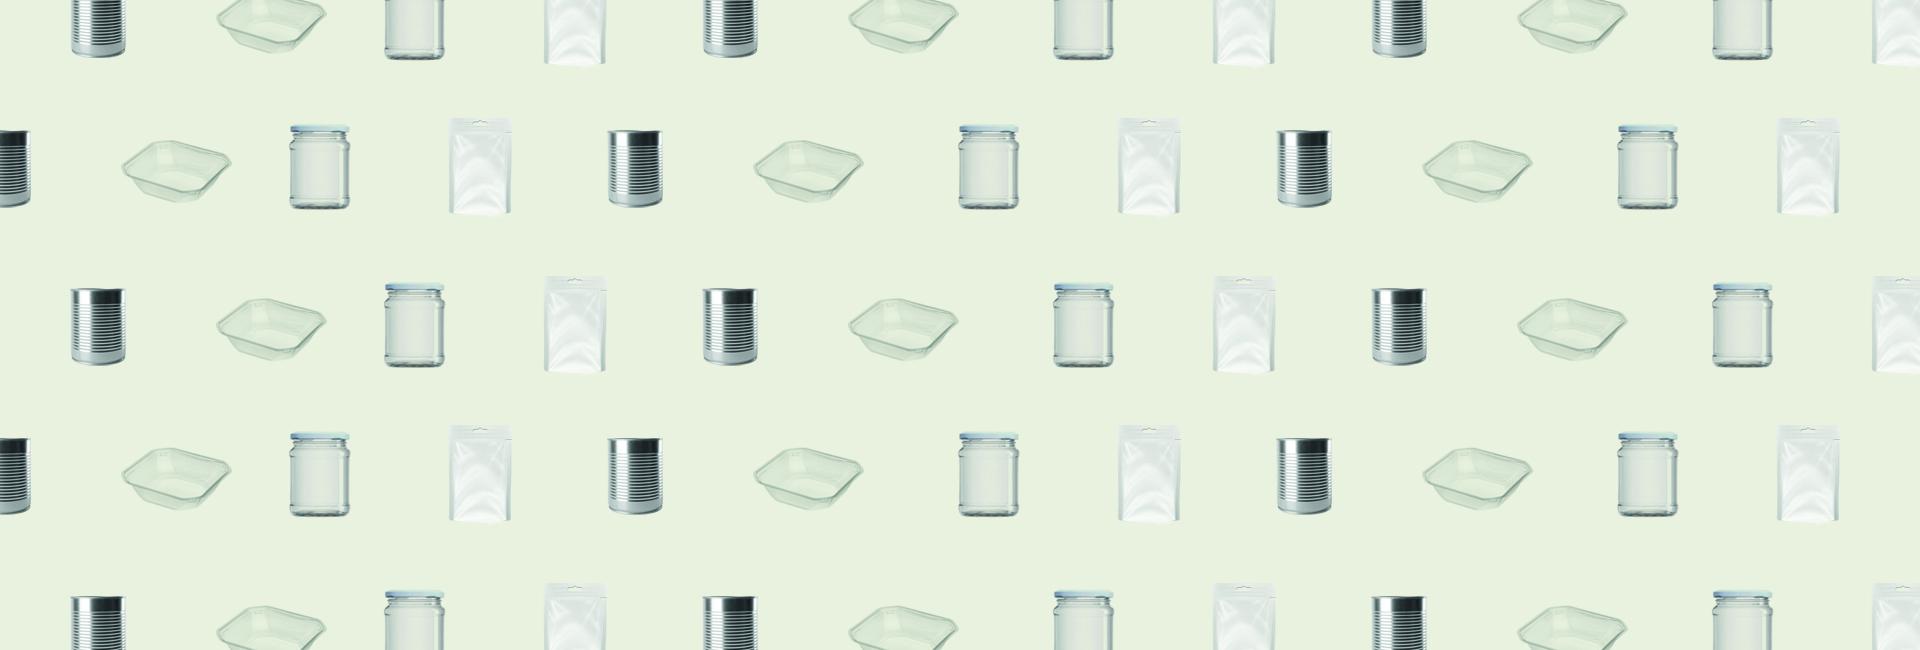 Envases aptos para la elaboración de conservas